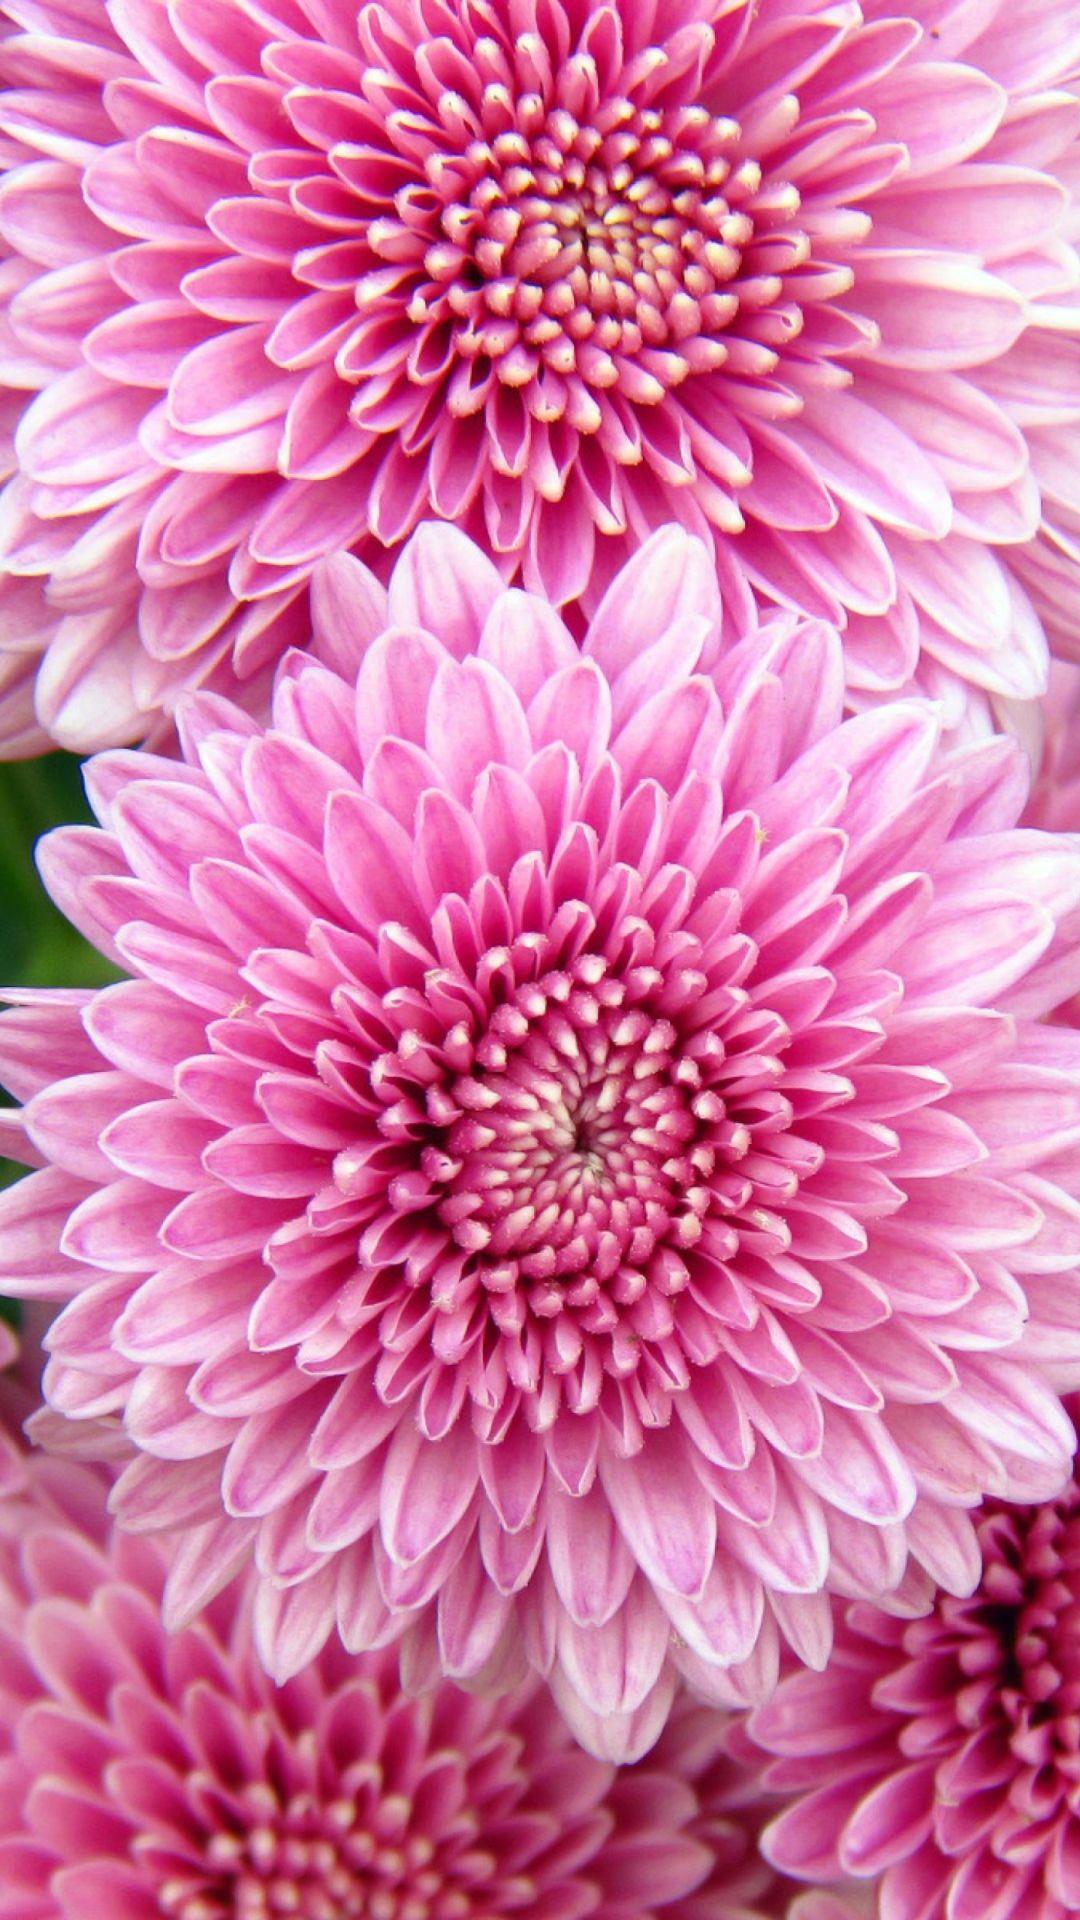 Wallpaper Chrysanthemum